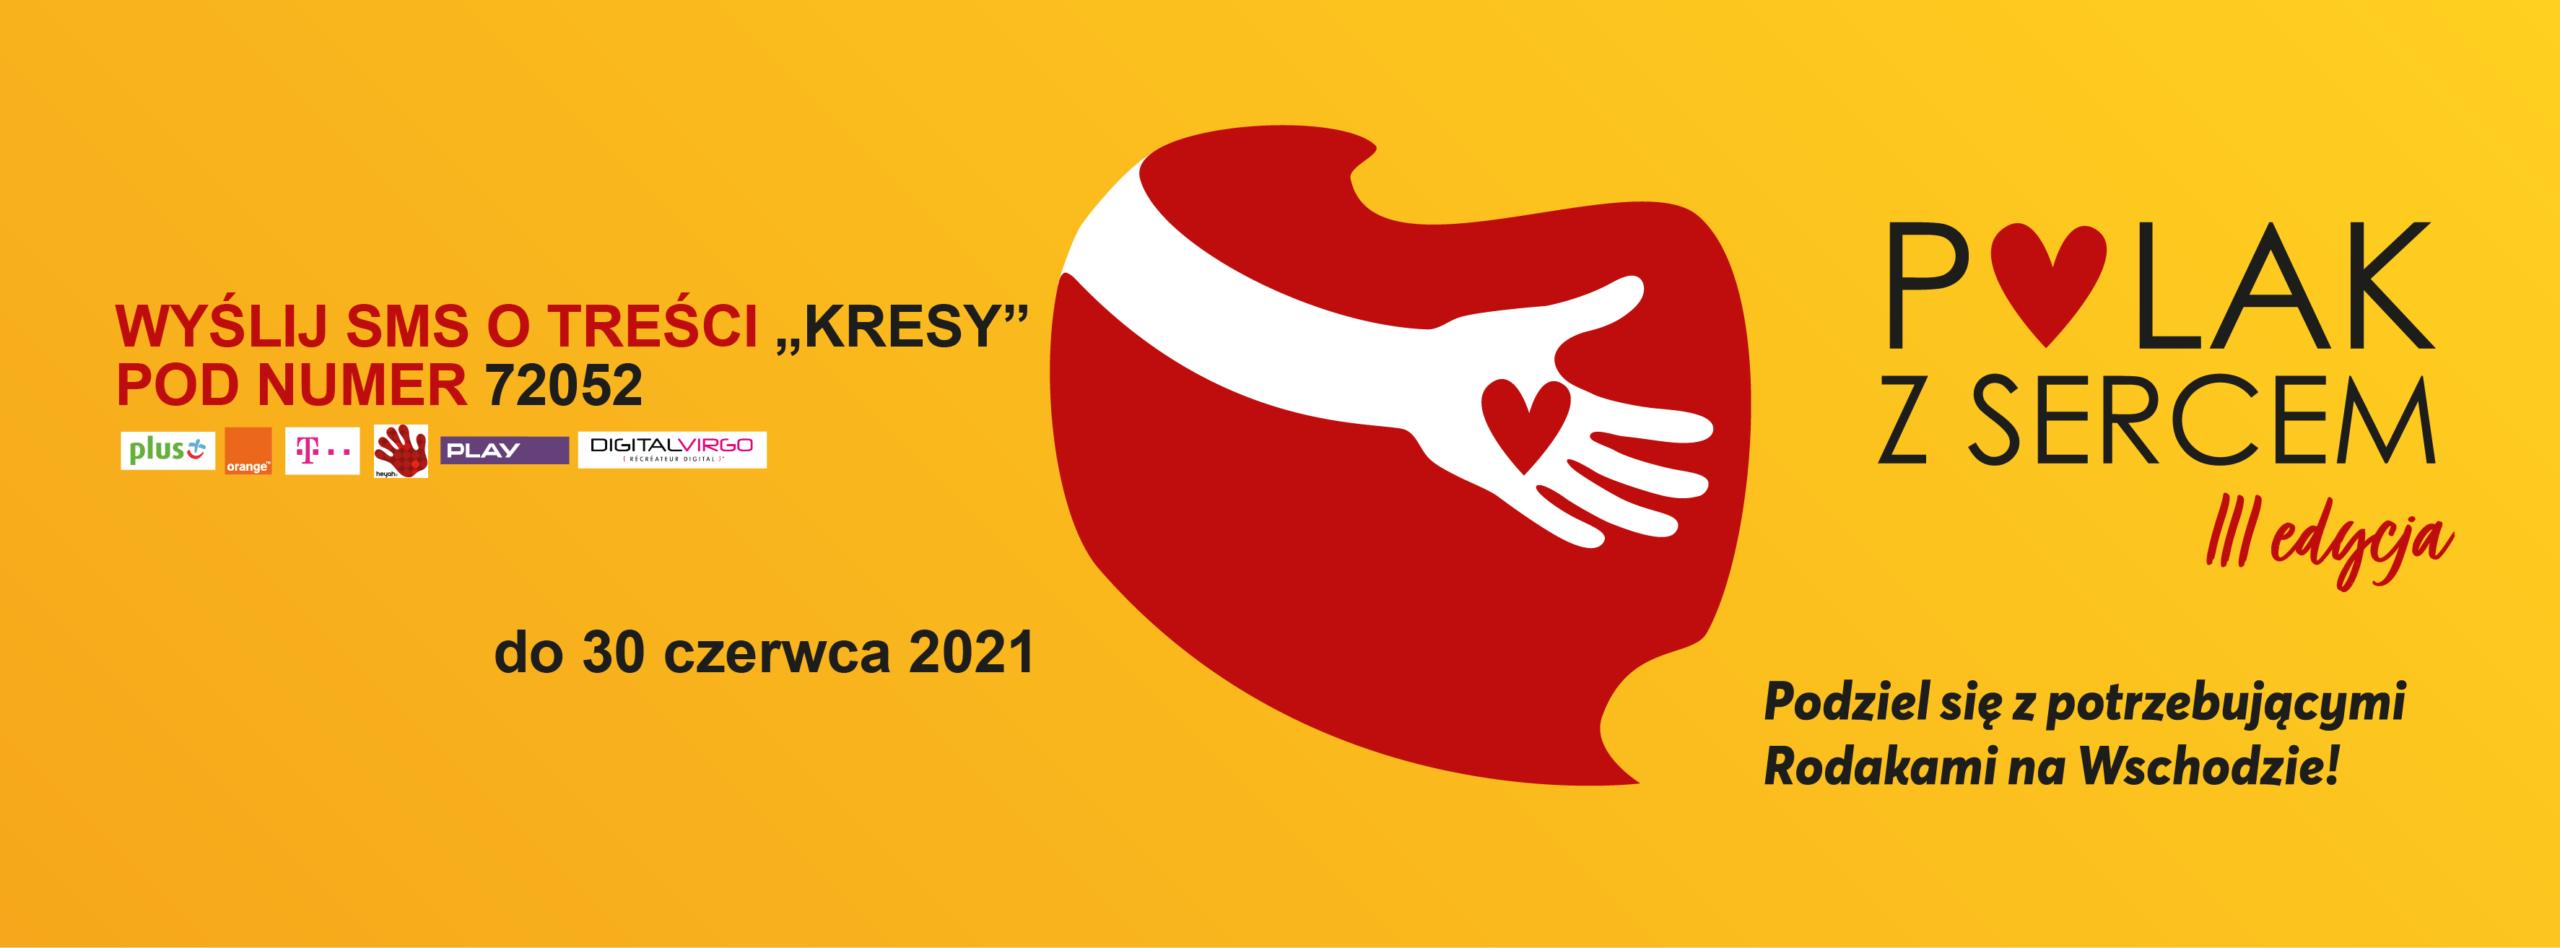 Rusza III edycja akcji Polak zSercem